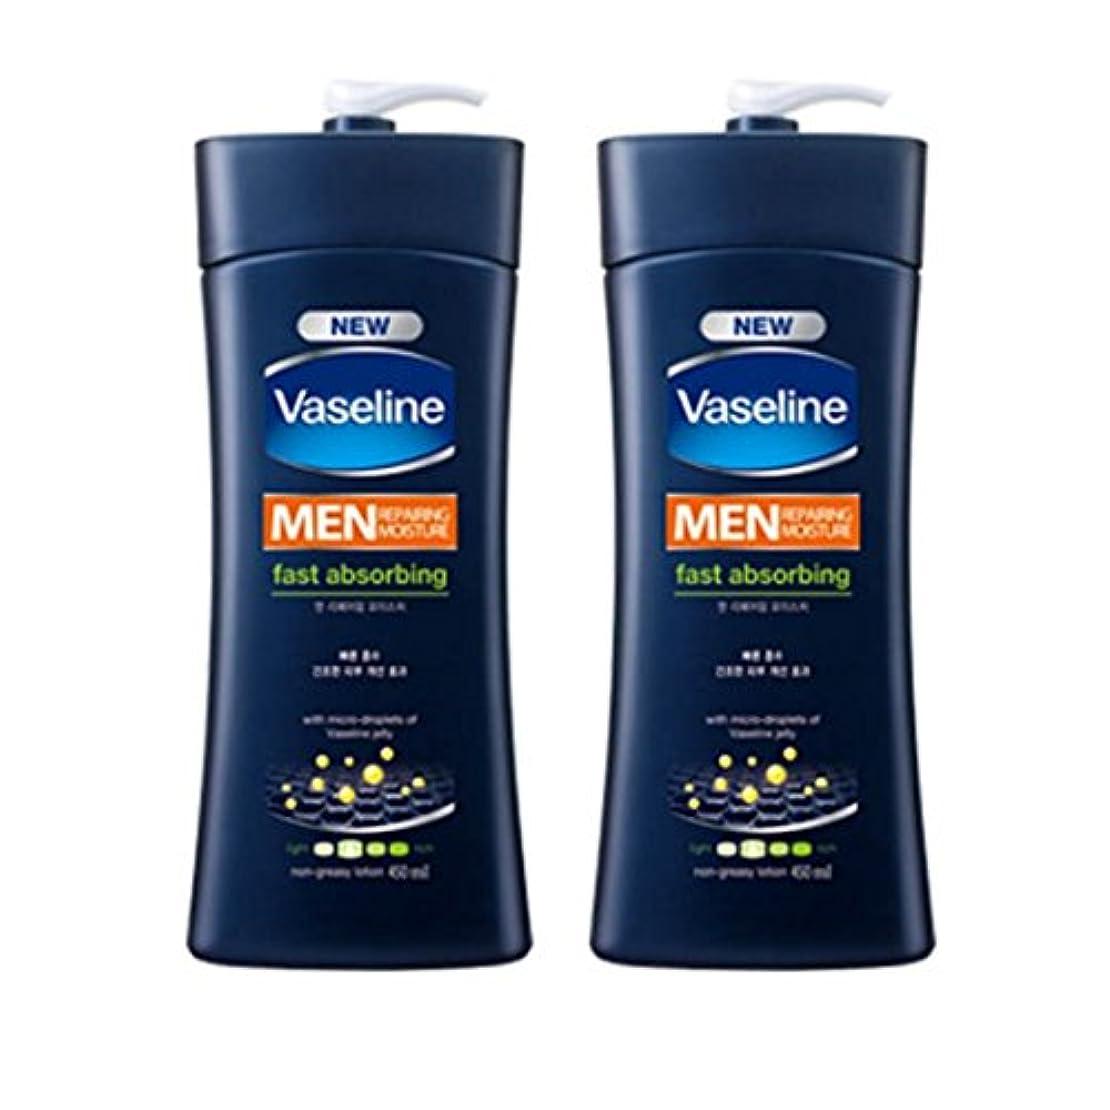 オーディションセイはさておきパットヴァセリン メンズ リペアリング モイスチャーローション(Vaseline Man Repairing Moisture Lotion) 450ml X 2個 [並行輸入品]